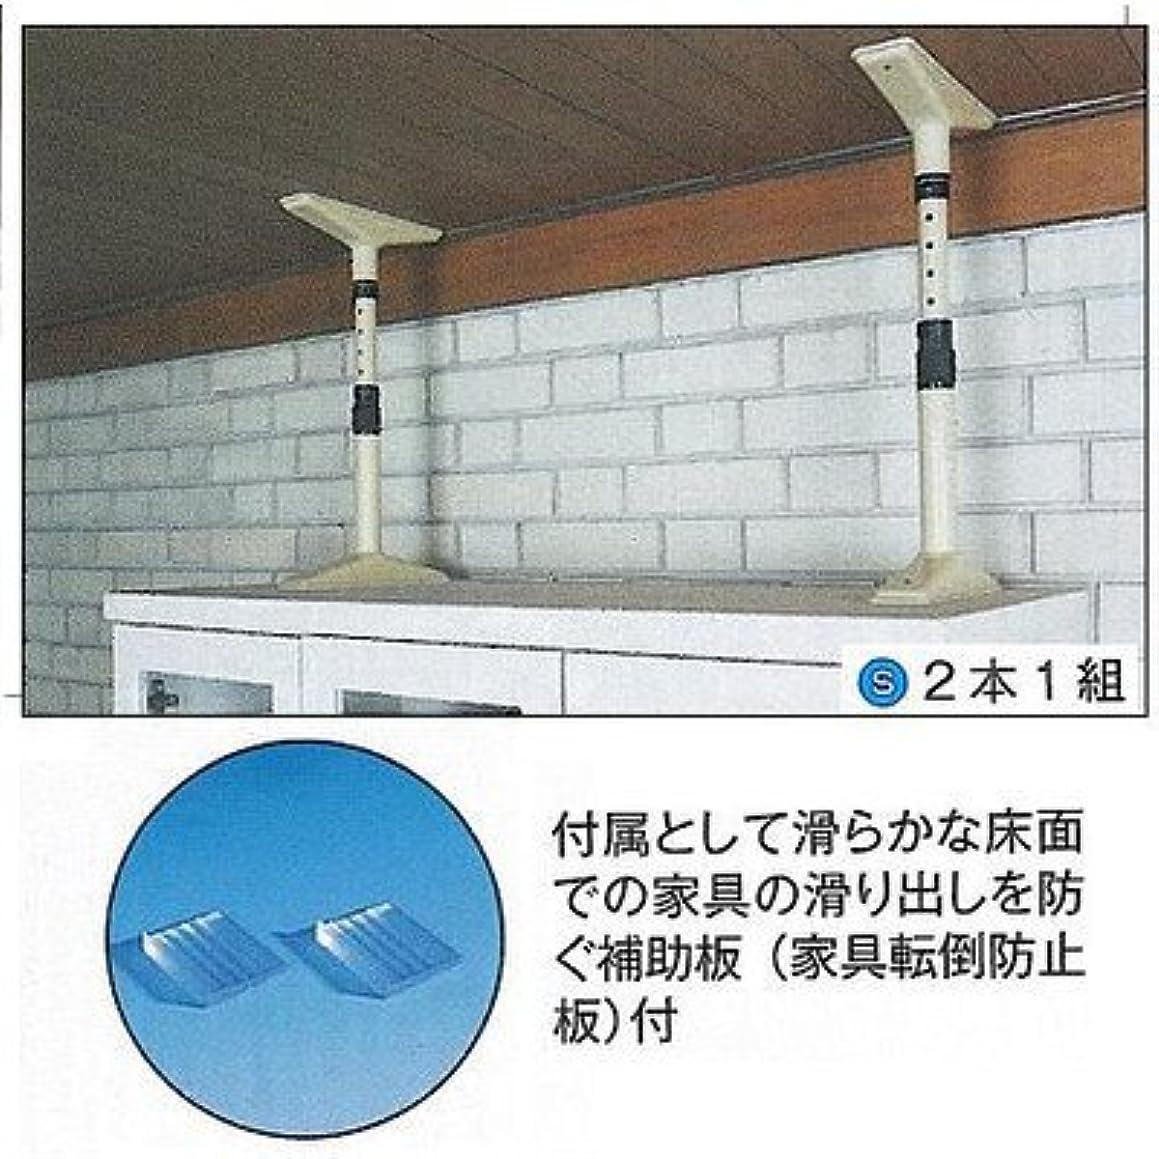 傾向がある速報神学校安全?サイン8 転倒防止用品 マグニチュード7 2本セット 地震対策用品 家具から天井までの高さ:350~500mm 38004